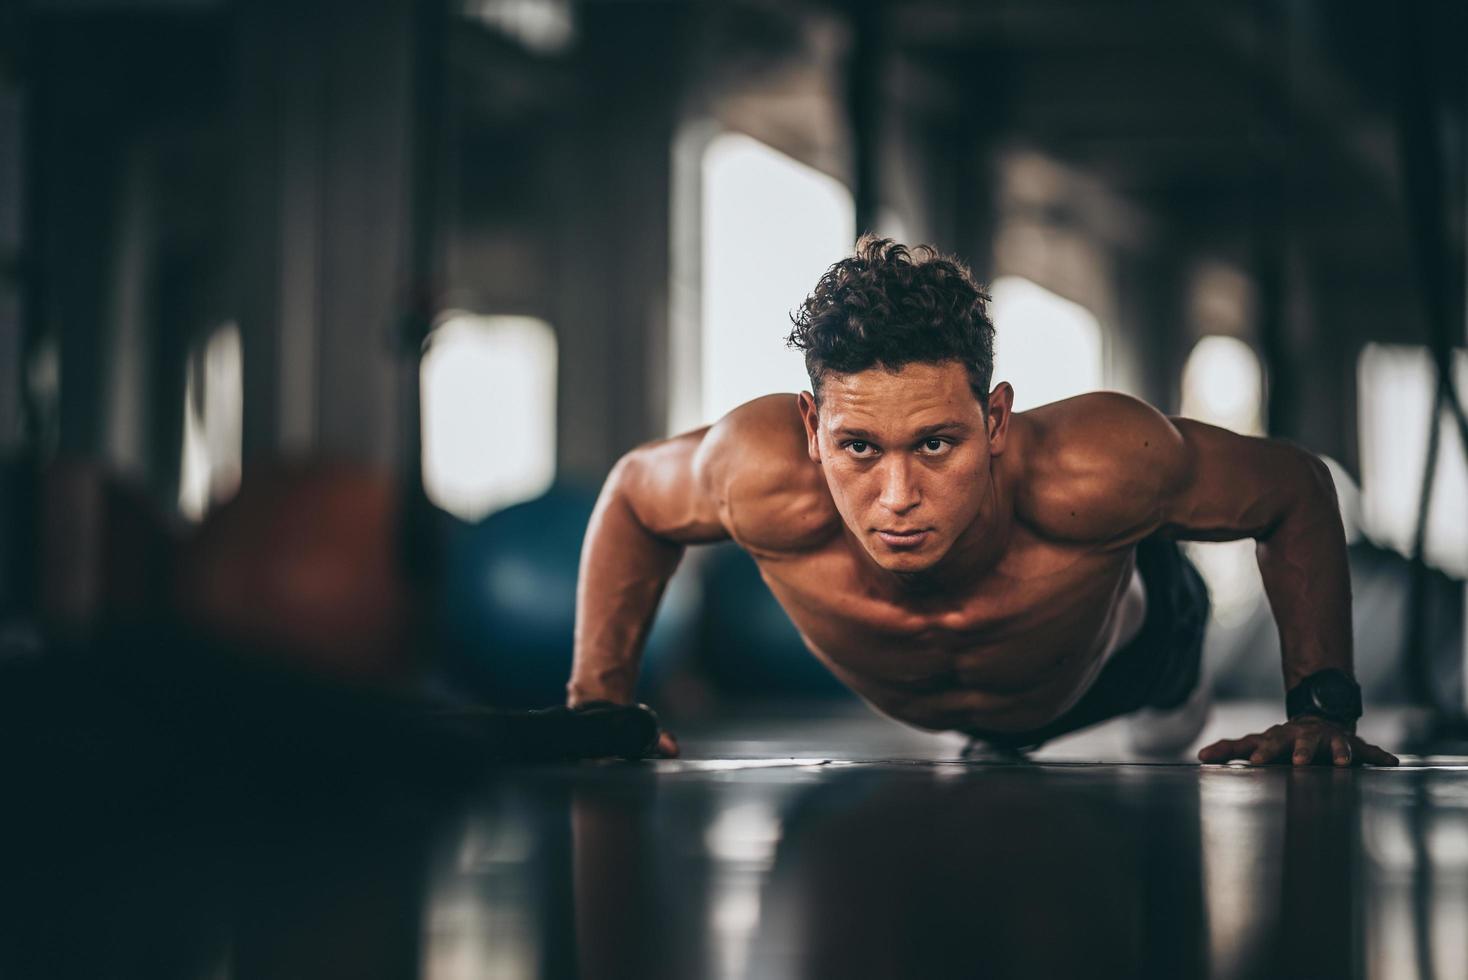 mannelijke atleet doet push-ups in de sportschool foto